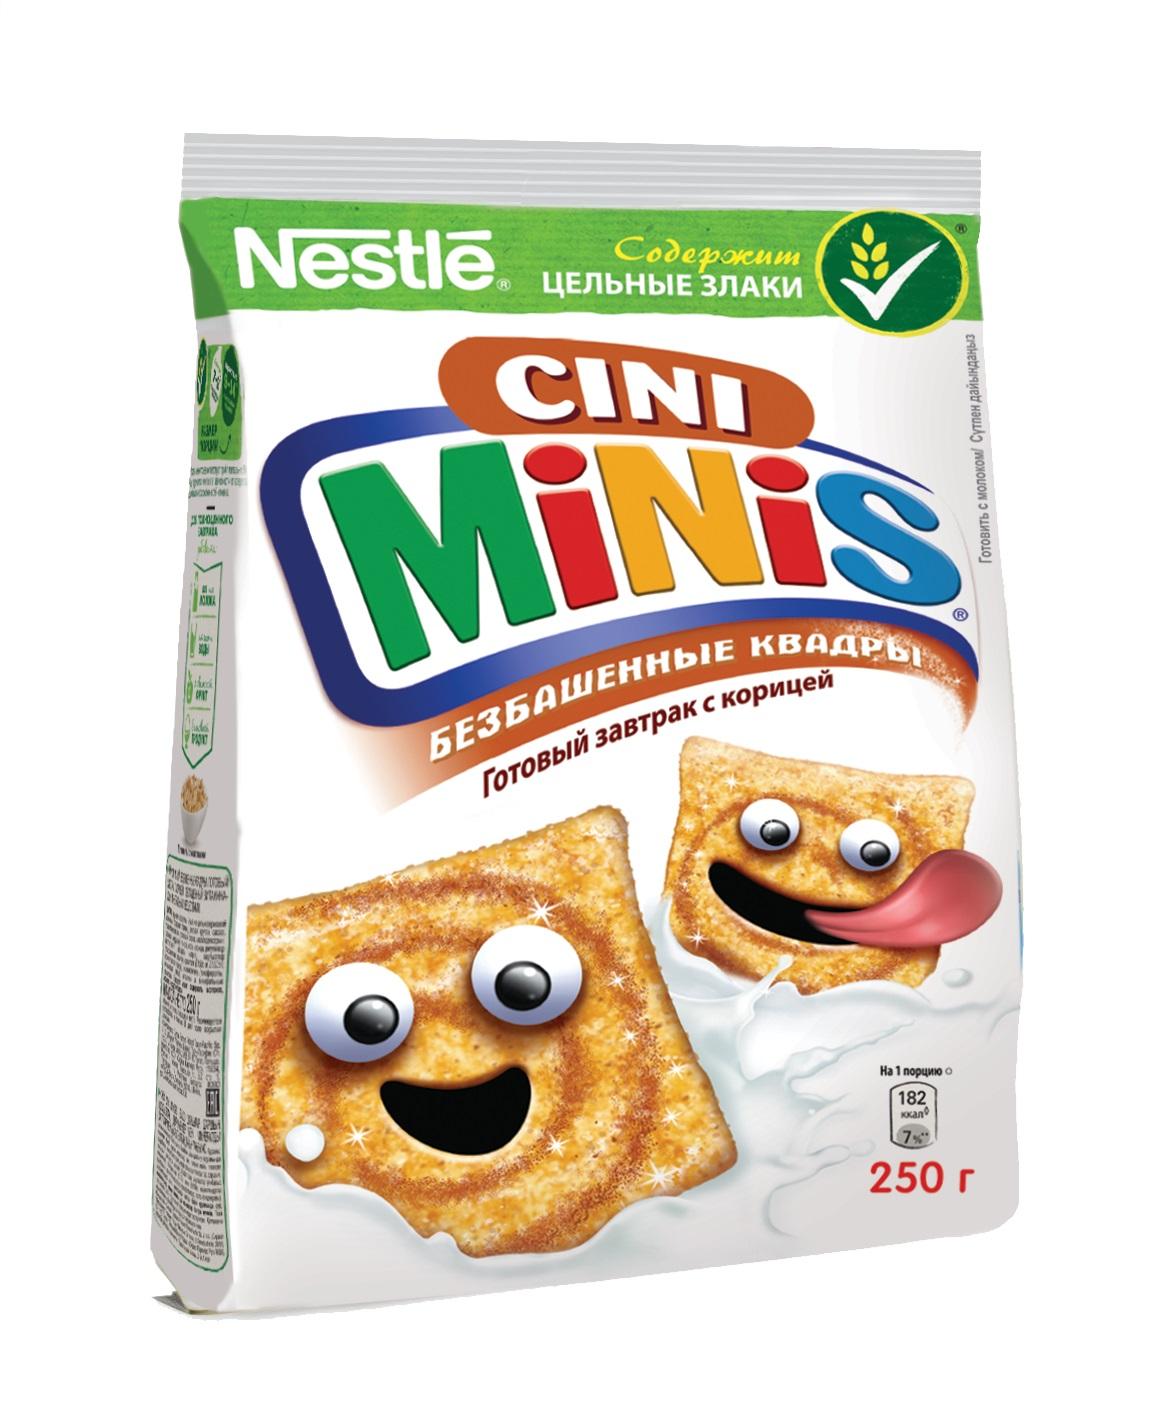 Готовые завтраки, каши, мюсли Garnec или Готовые завтраки, каши, мюсли Nestle — что лучше